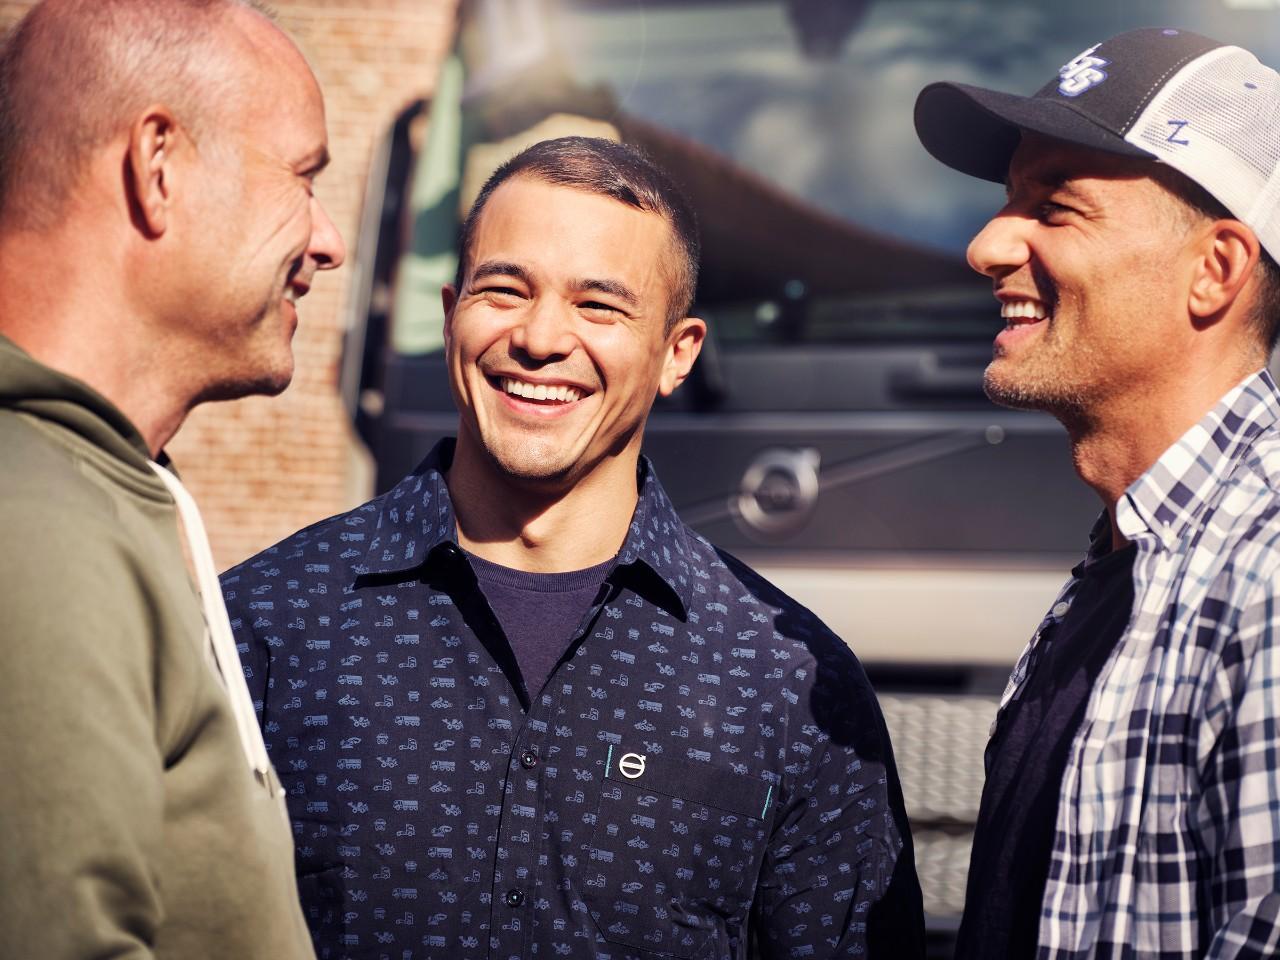 在 Volvo 貨車前微笑的三個男人的特寫畫面